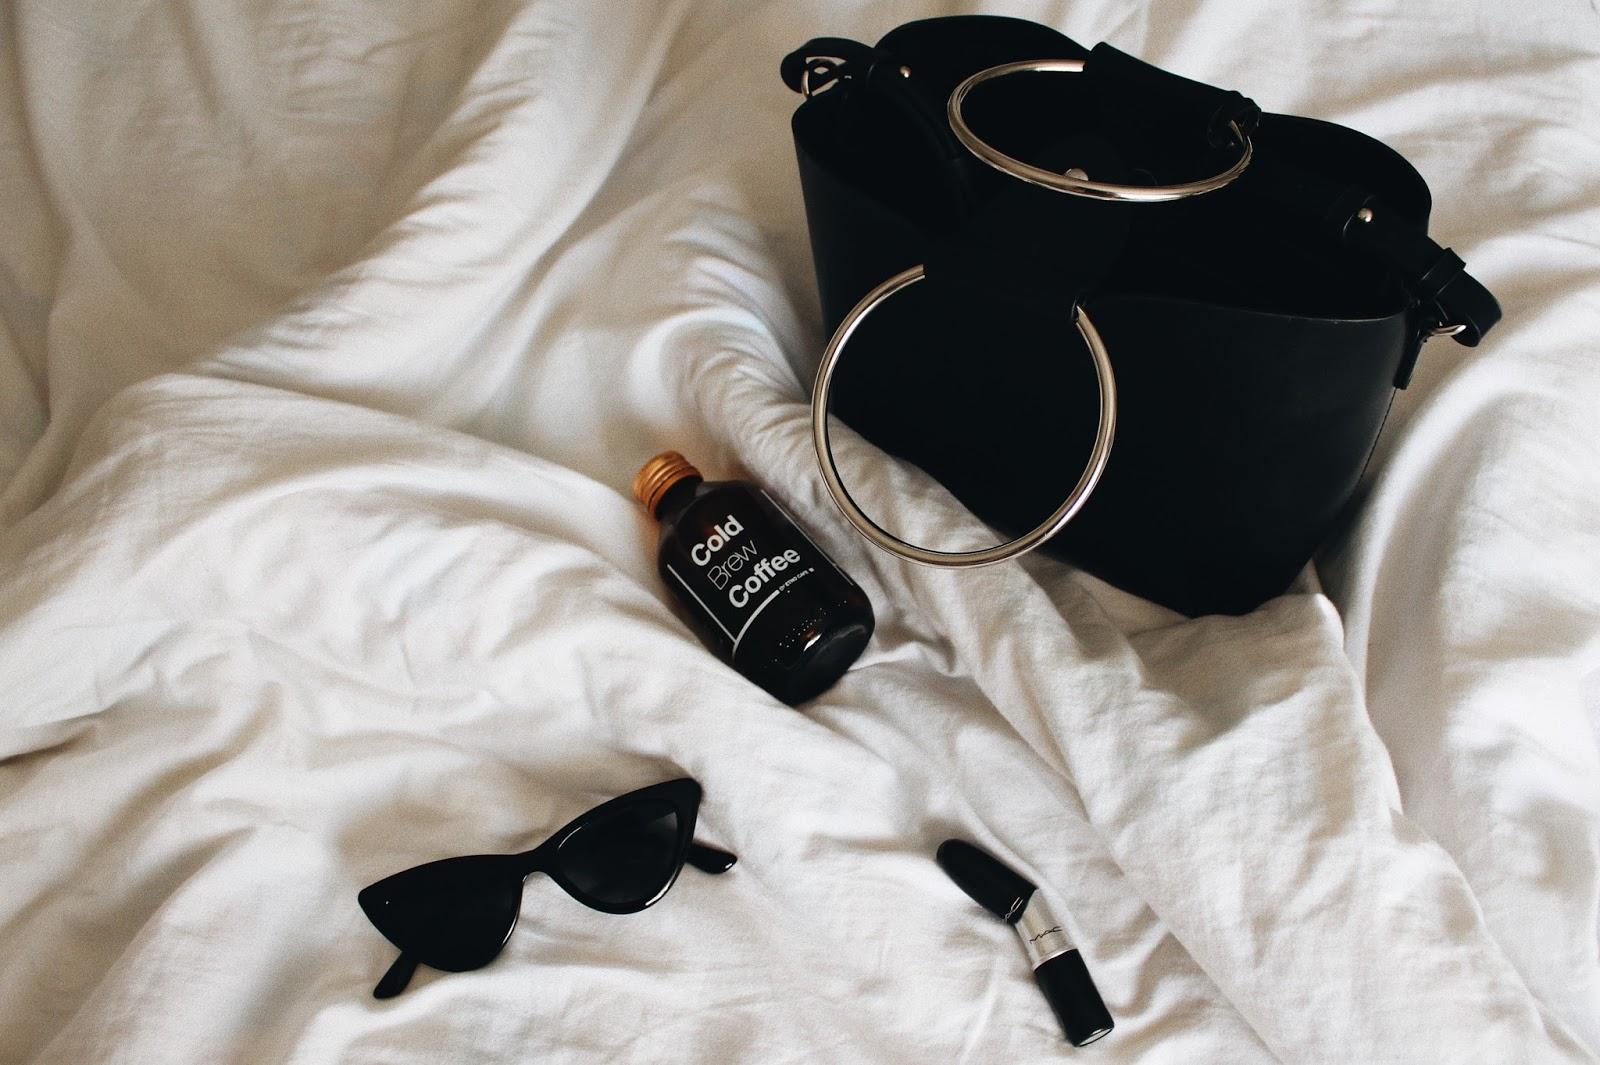 Zara bag & sunglasses